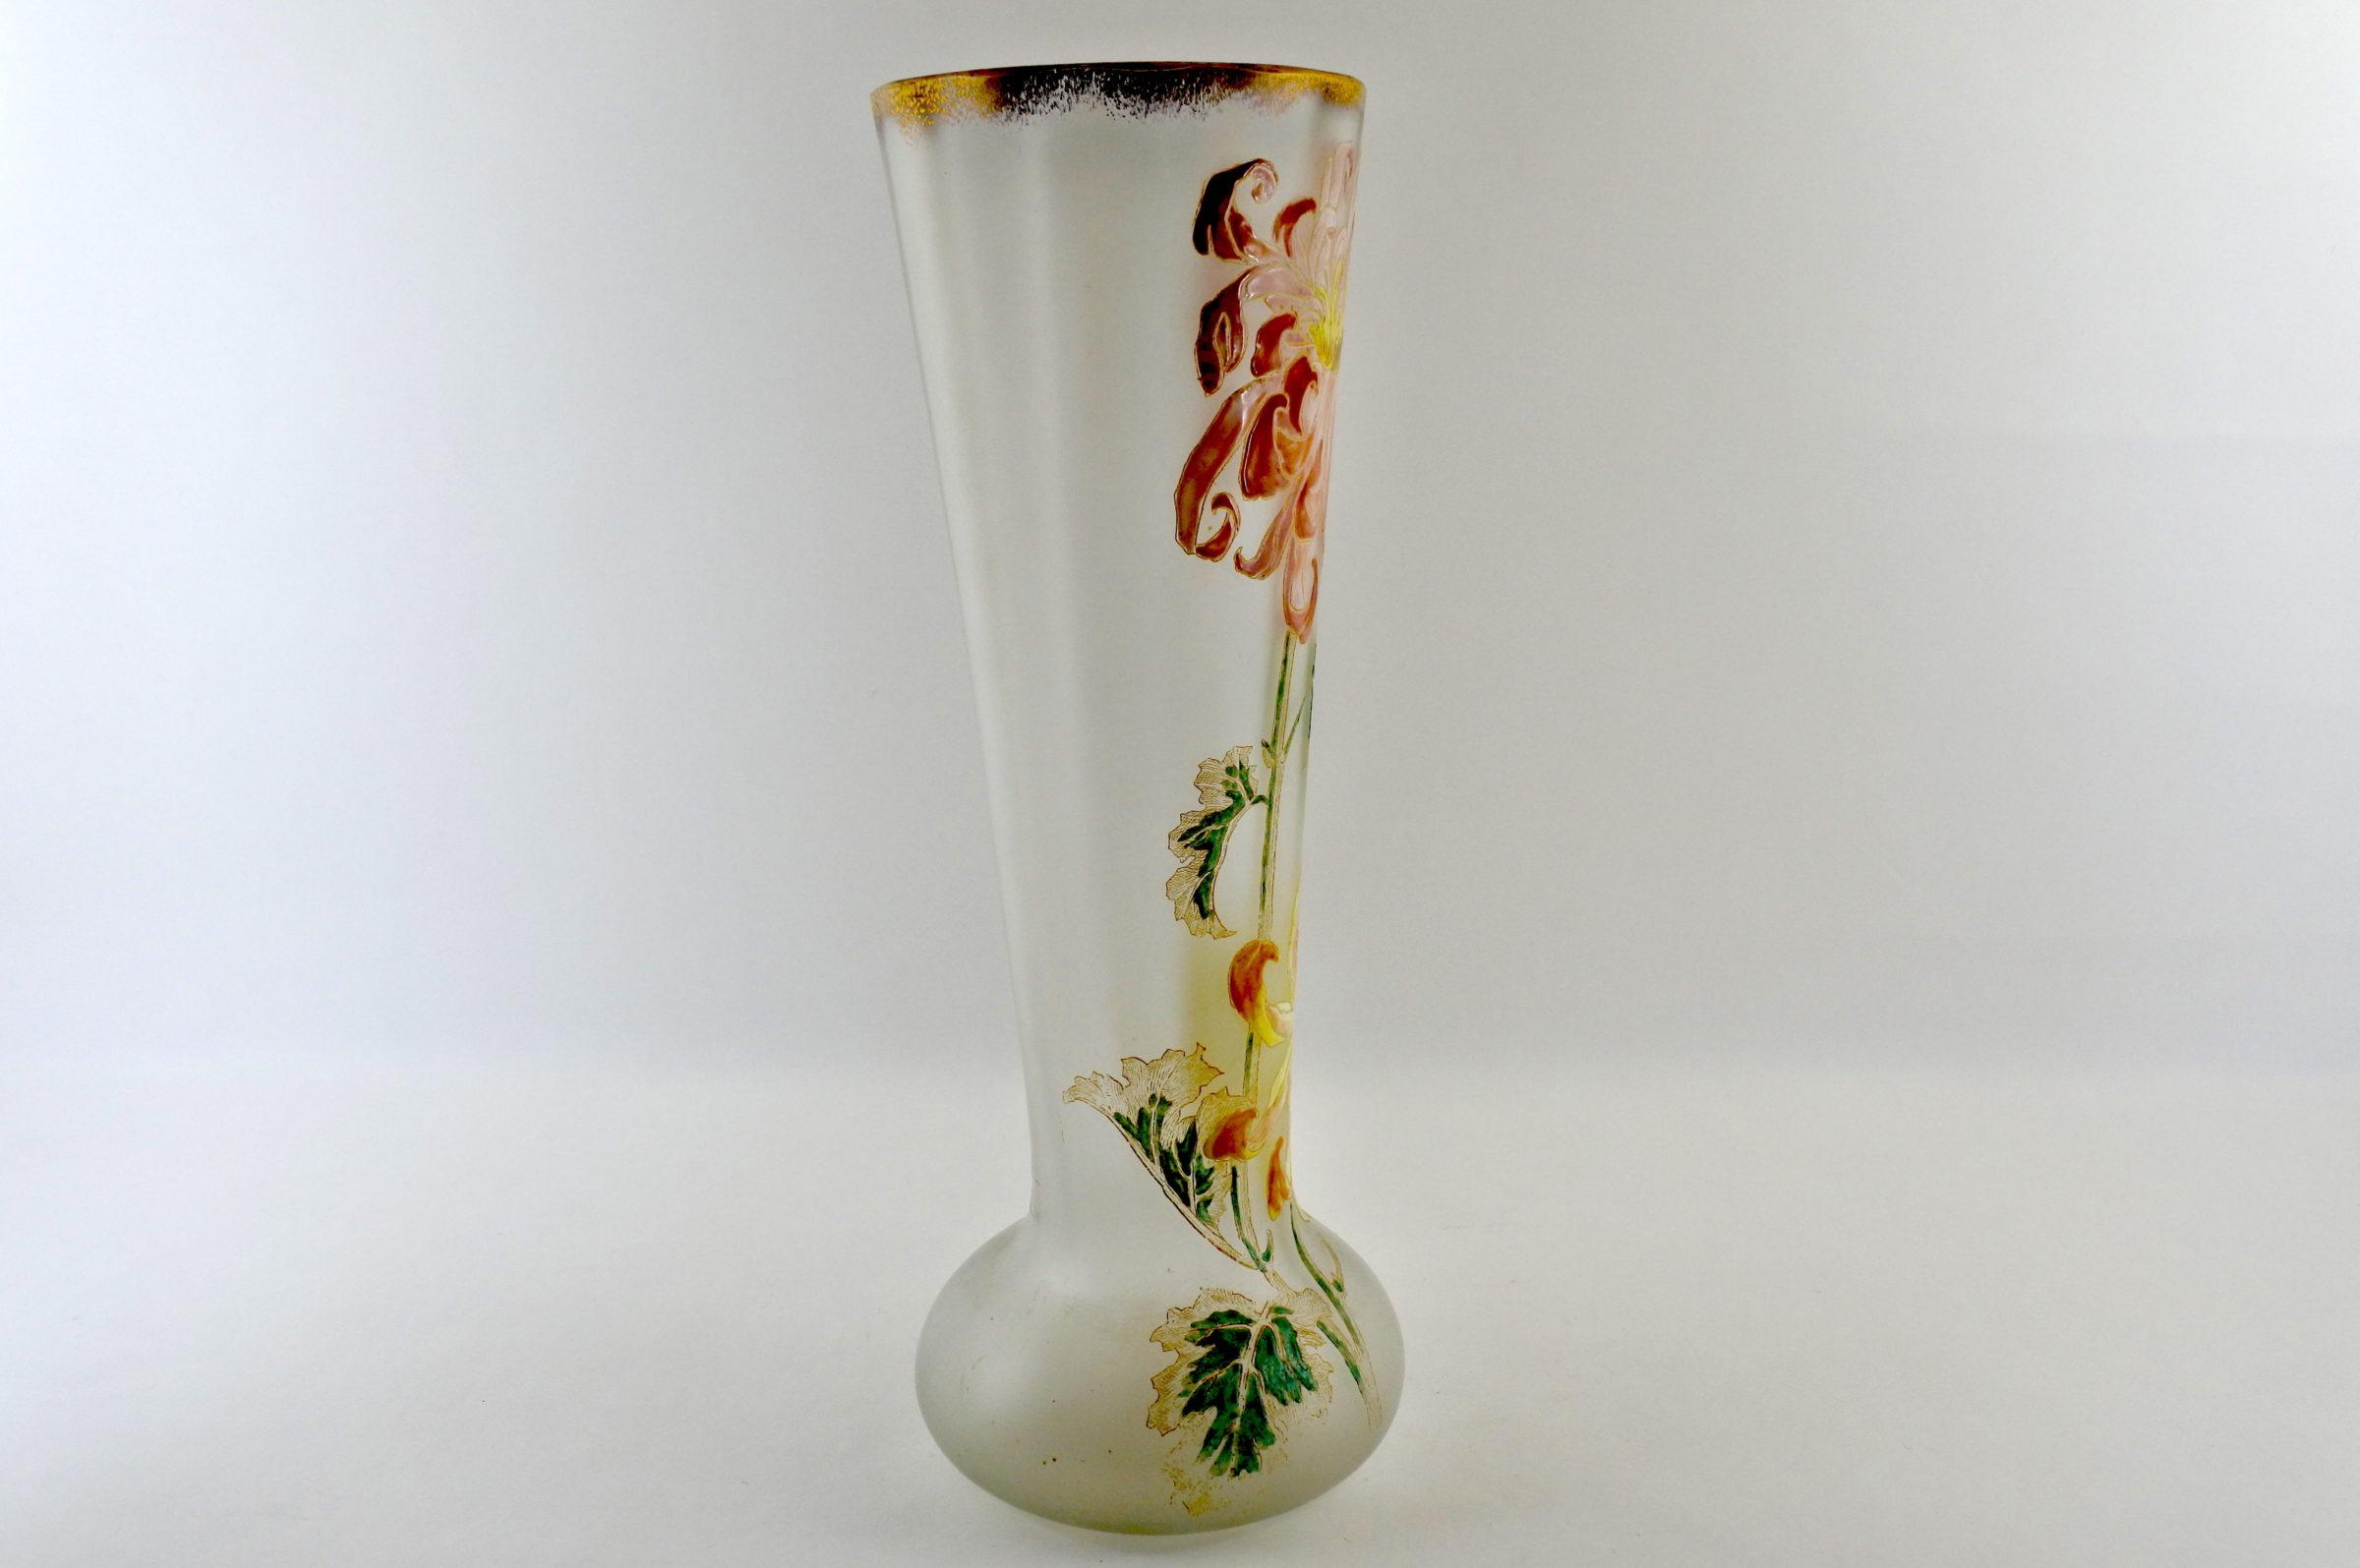 Vaso Legras in vetro soffiato e smalti con crisantemi - Altezza 39,7 cm - 3